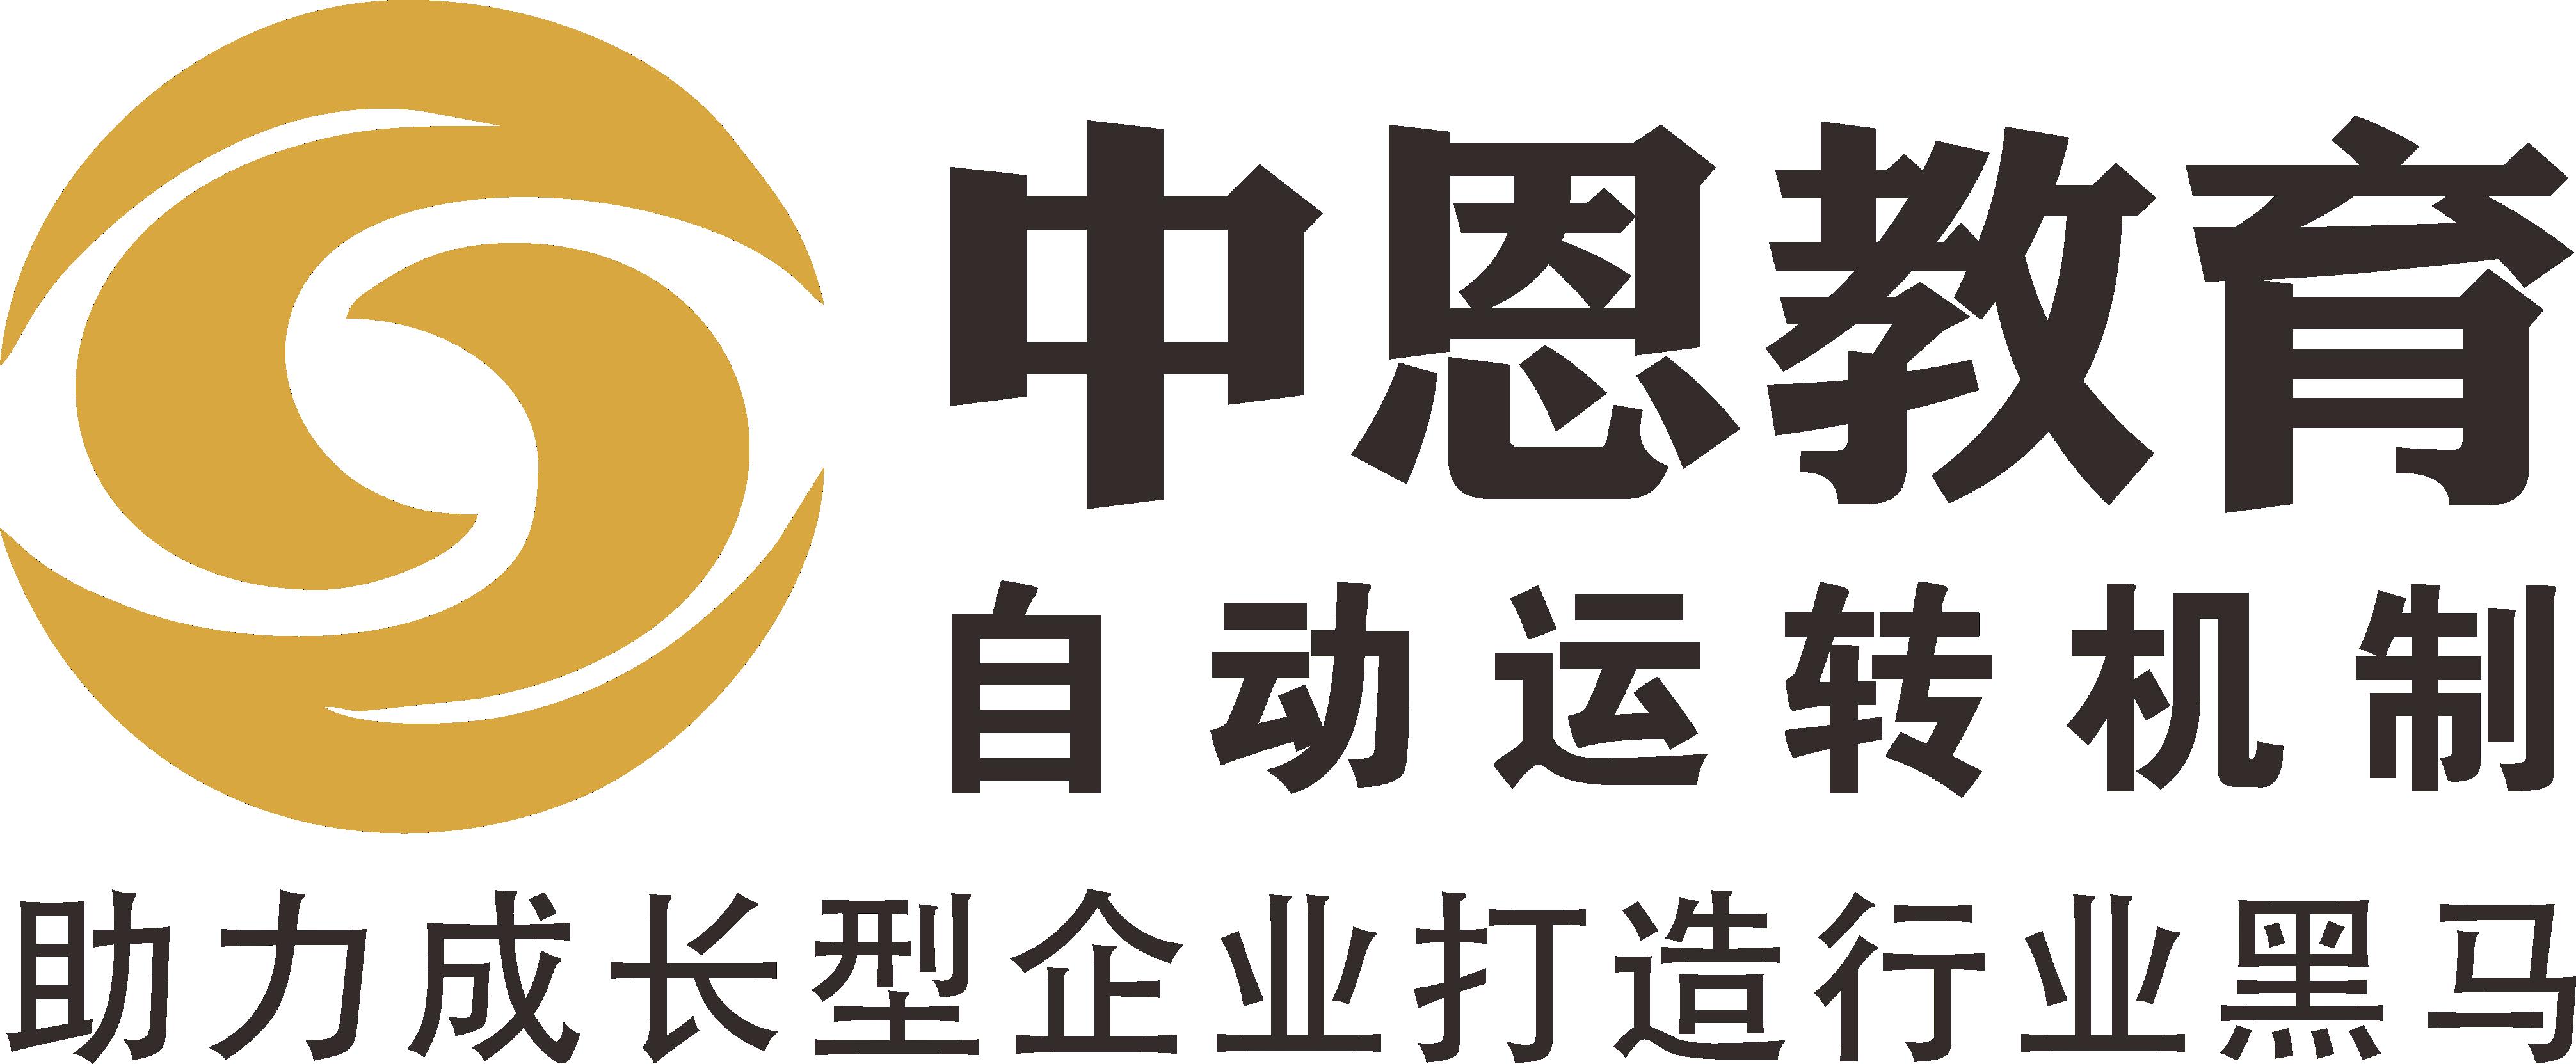 长沙中恩教育科技有限公司